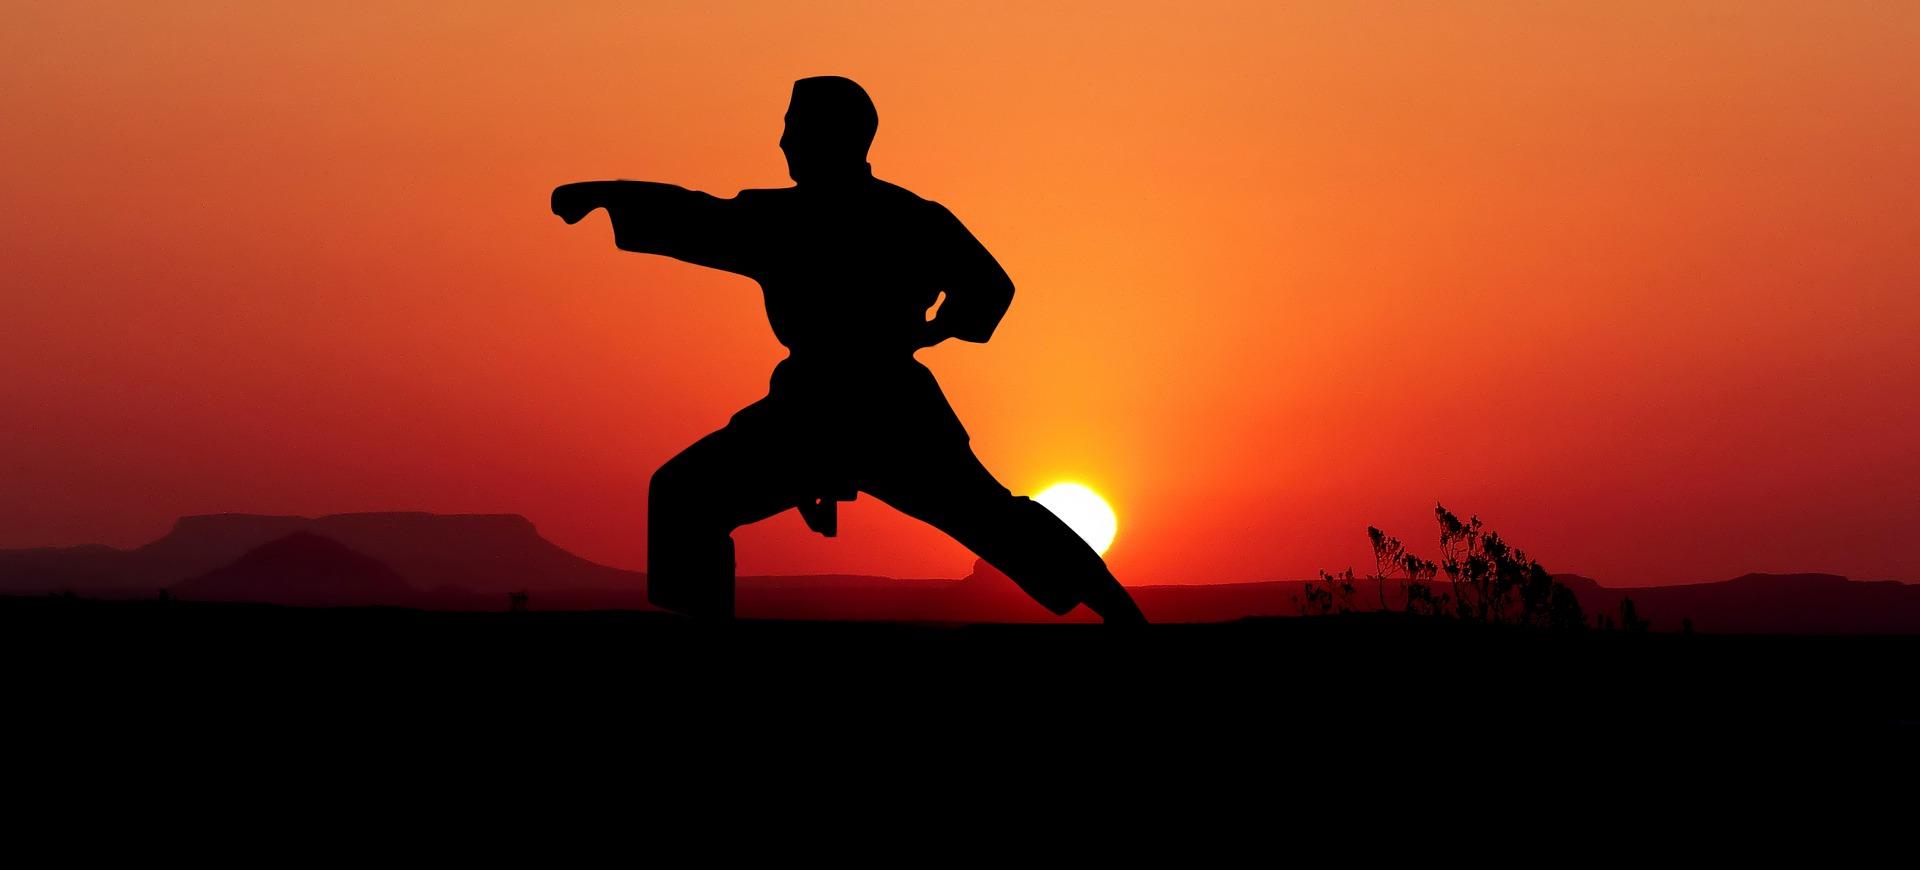 Welcher Kampfsport?